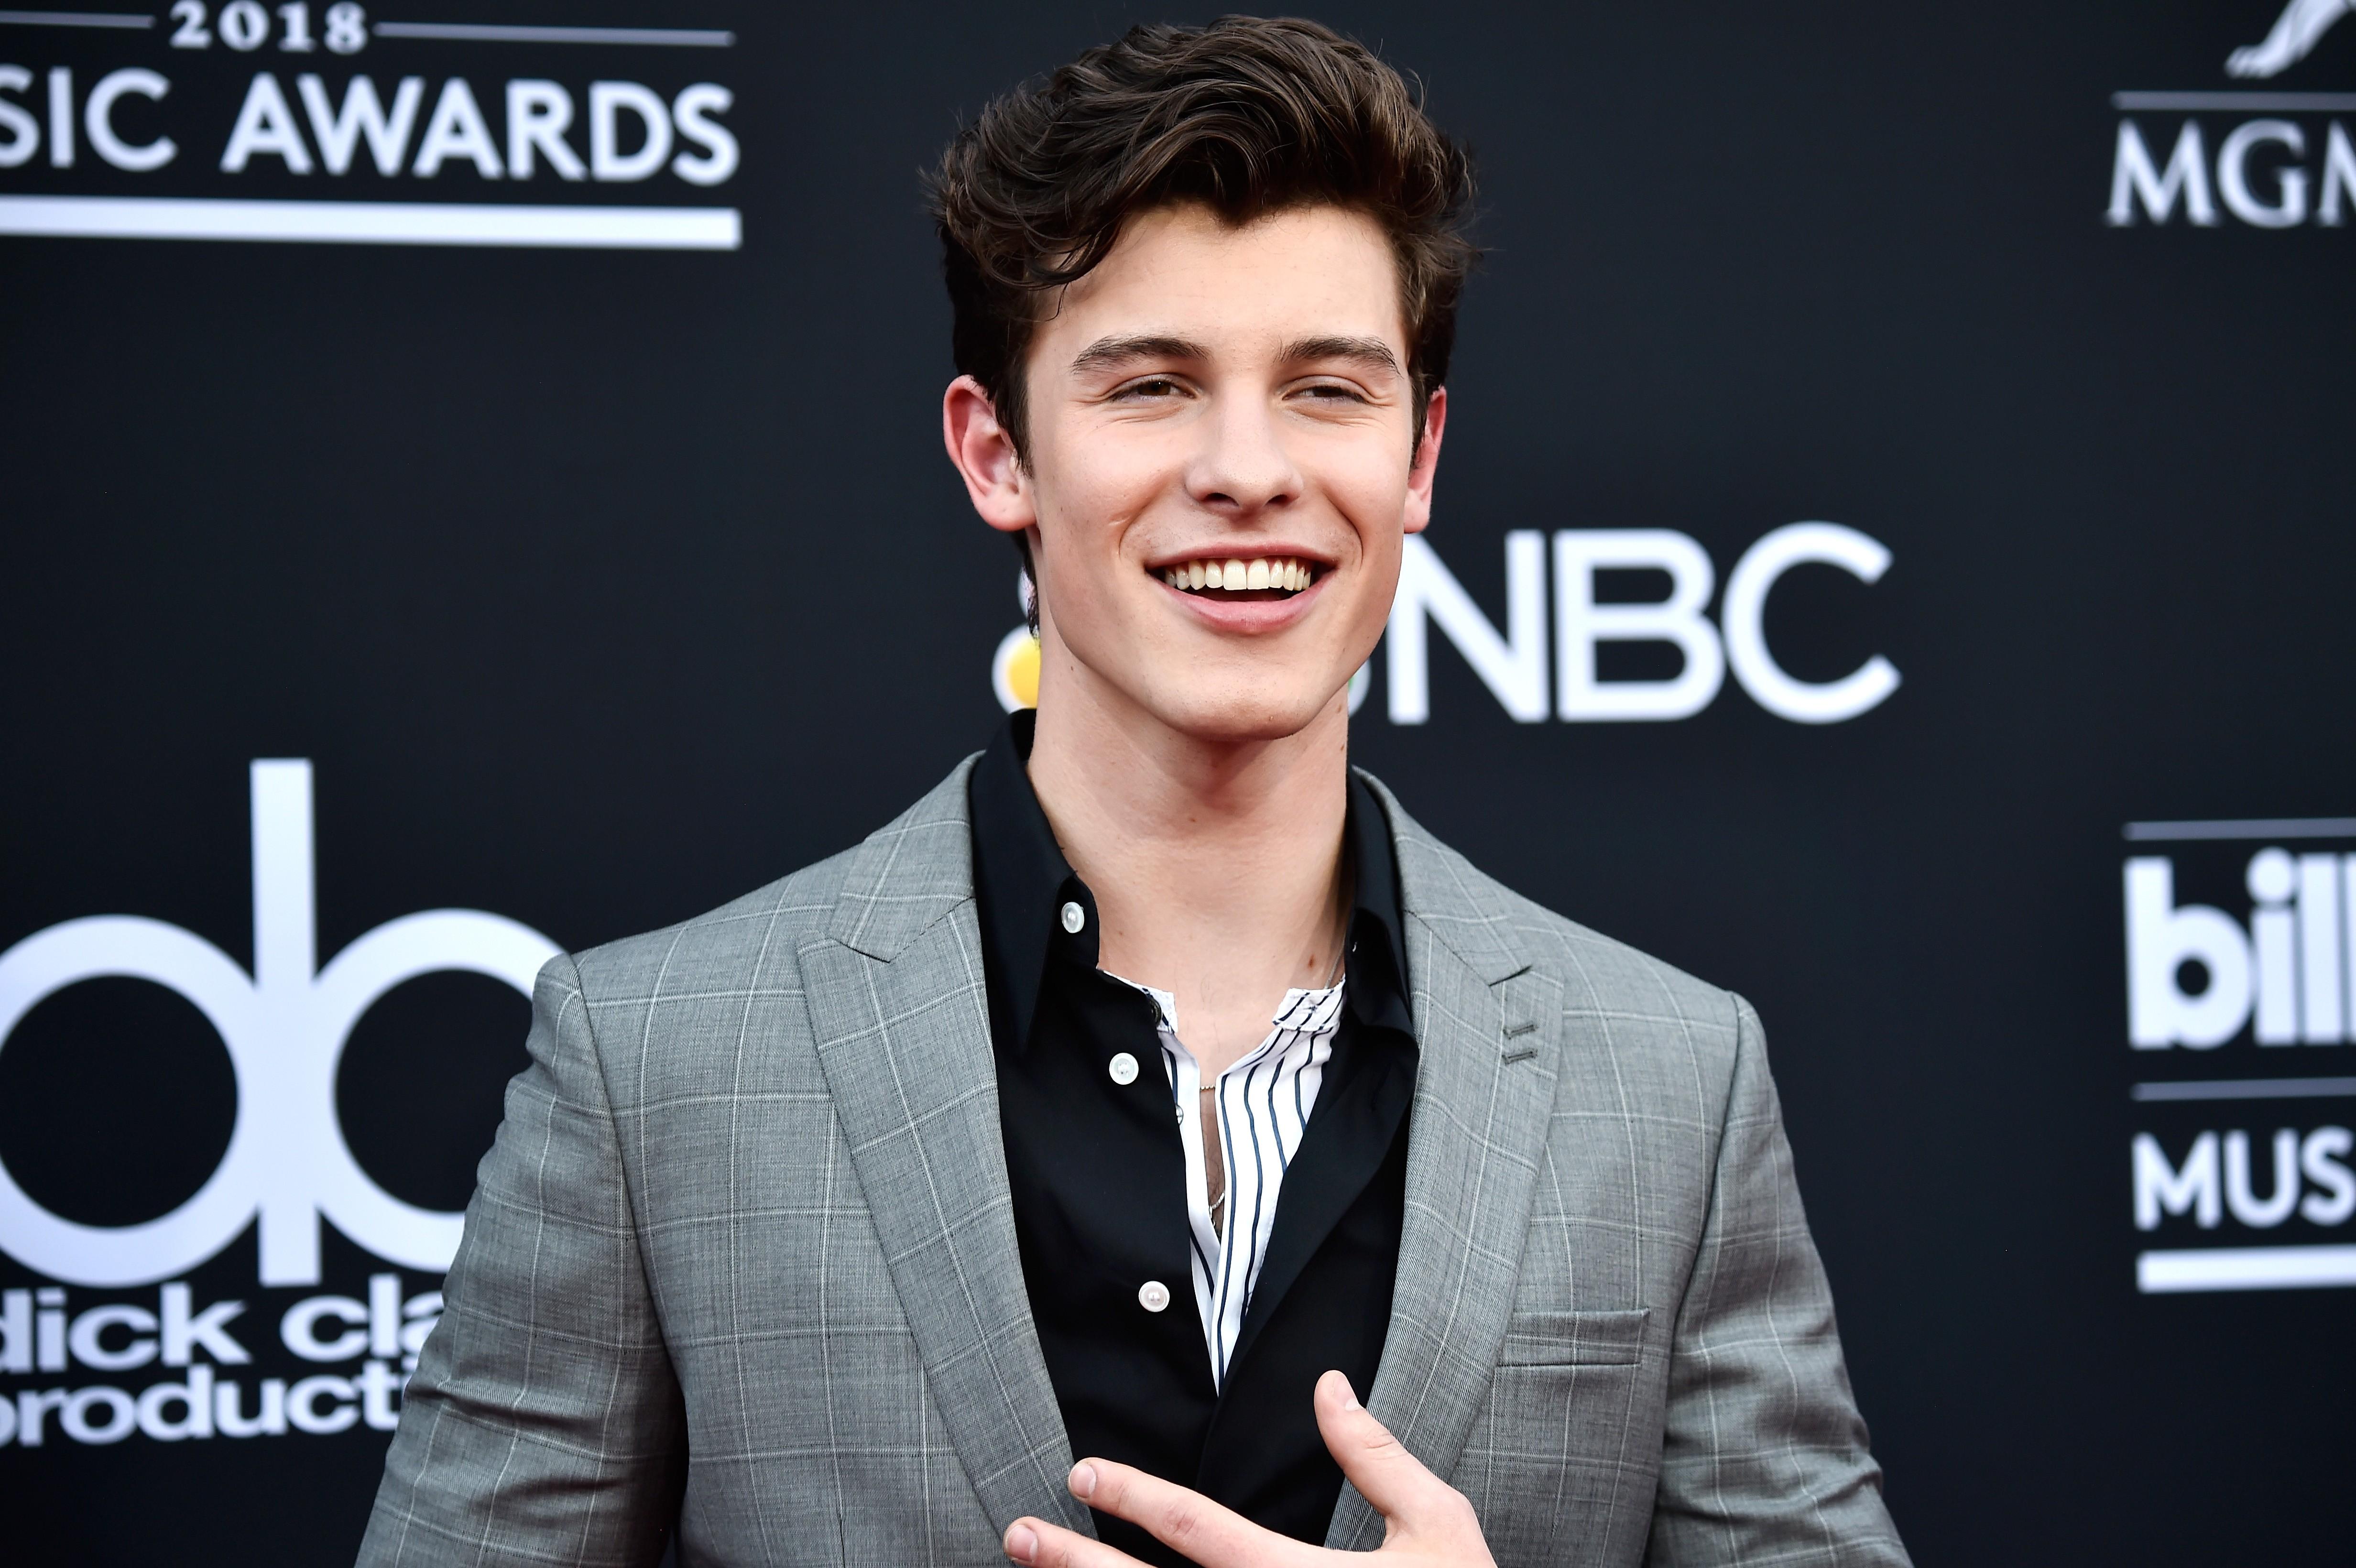 O cantor Shawn Mendes foi um dos que mandaram bem no visual para o Billboard Music Awards 2018 (Foto: Getty Images / Frazer Harrison)